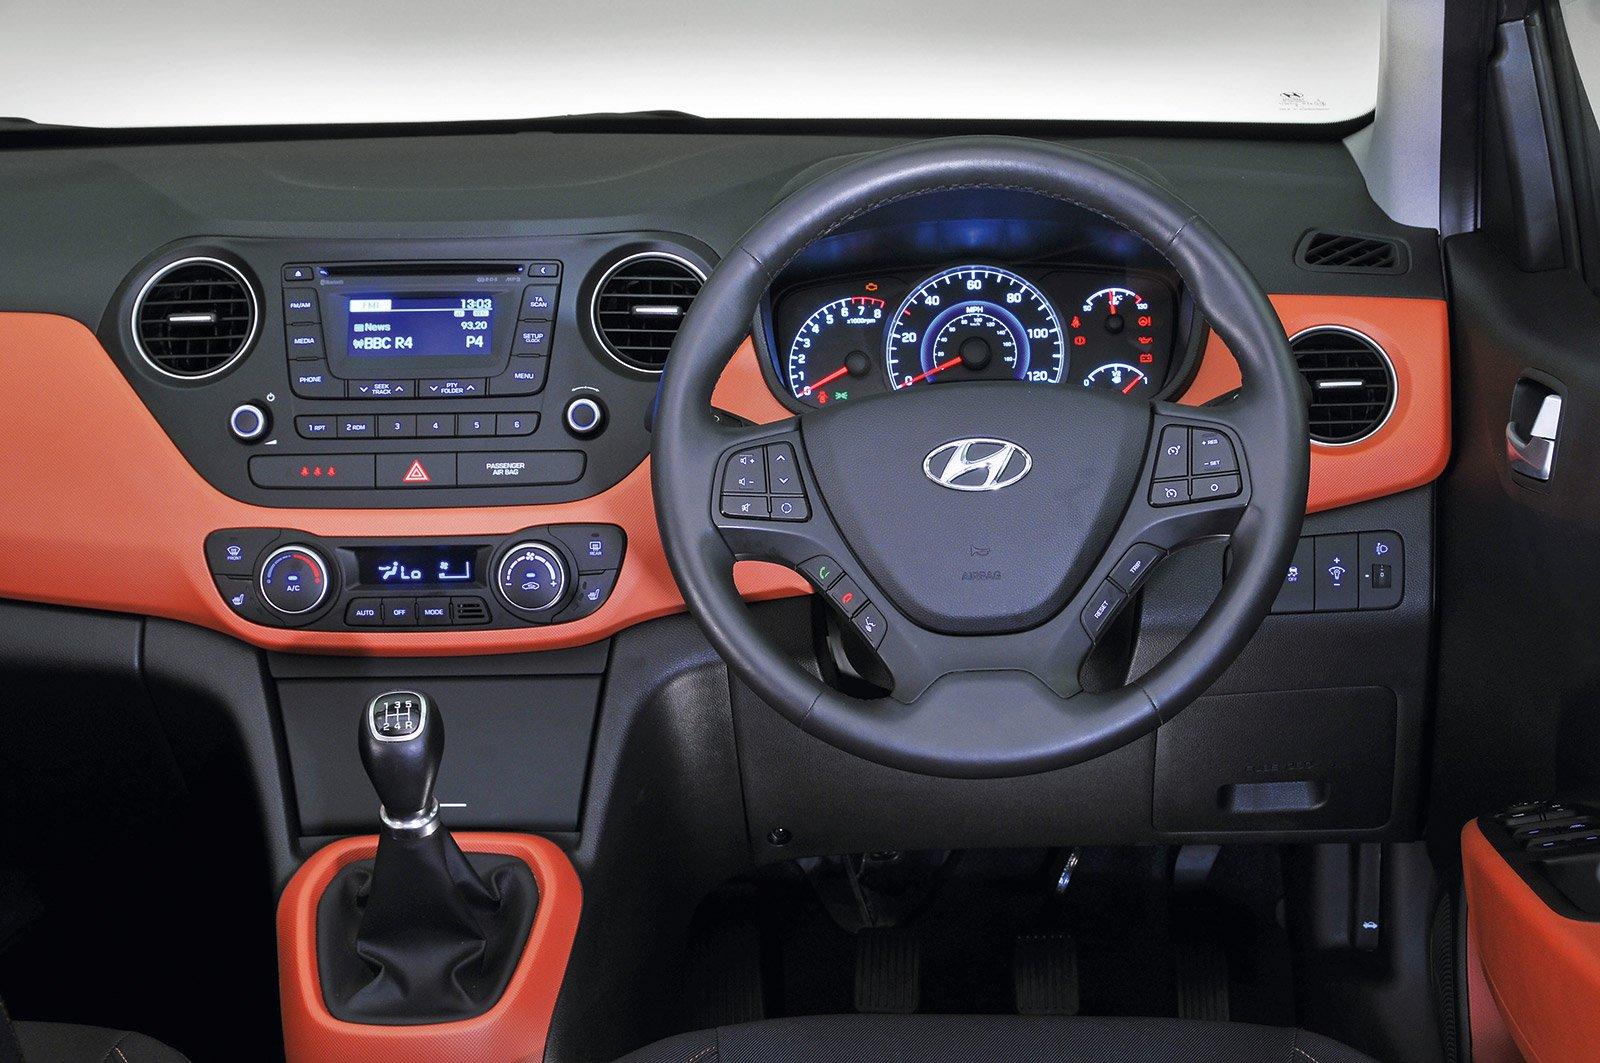 Hyundai i10 2015 dashboard